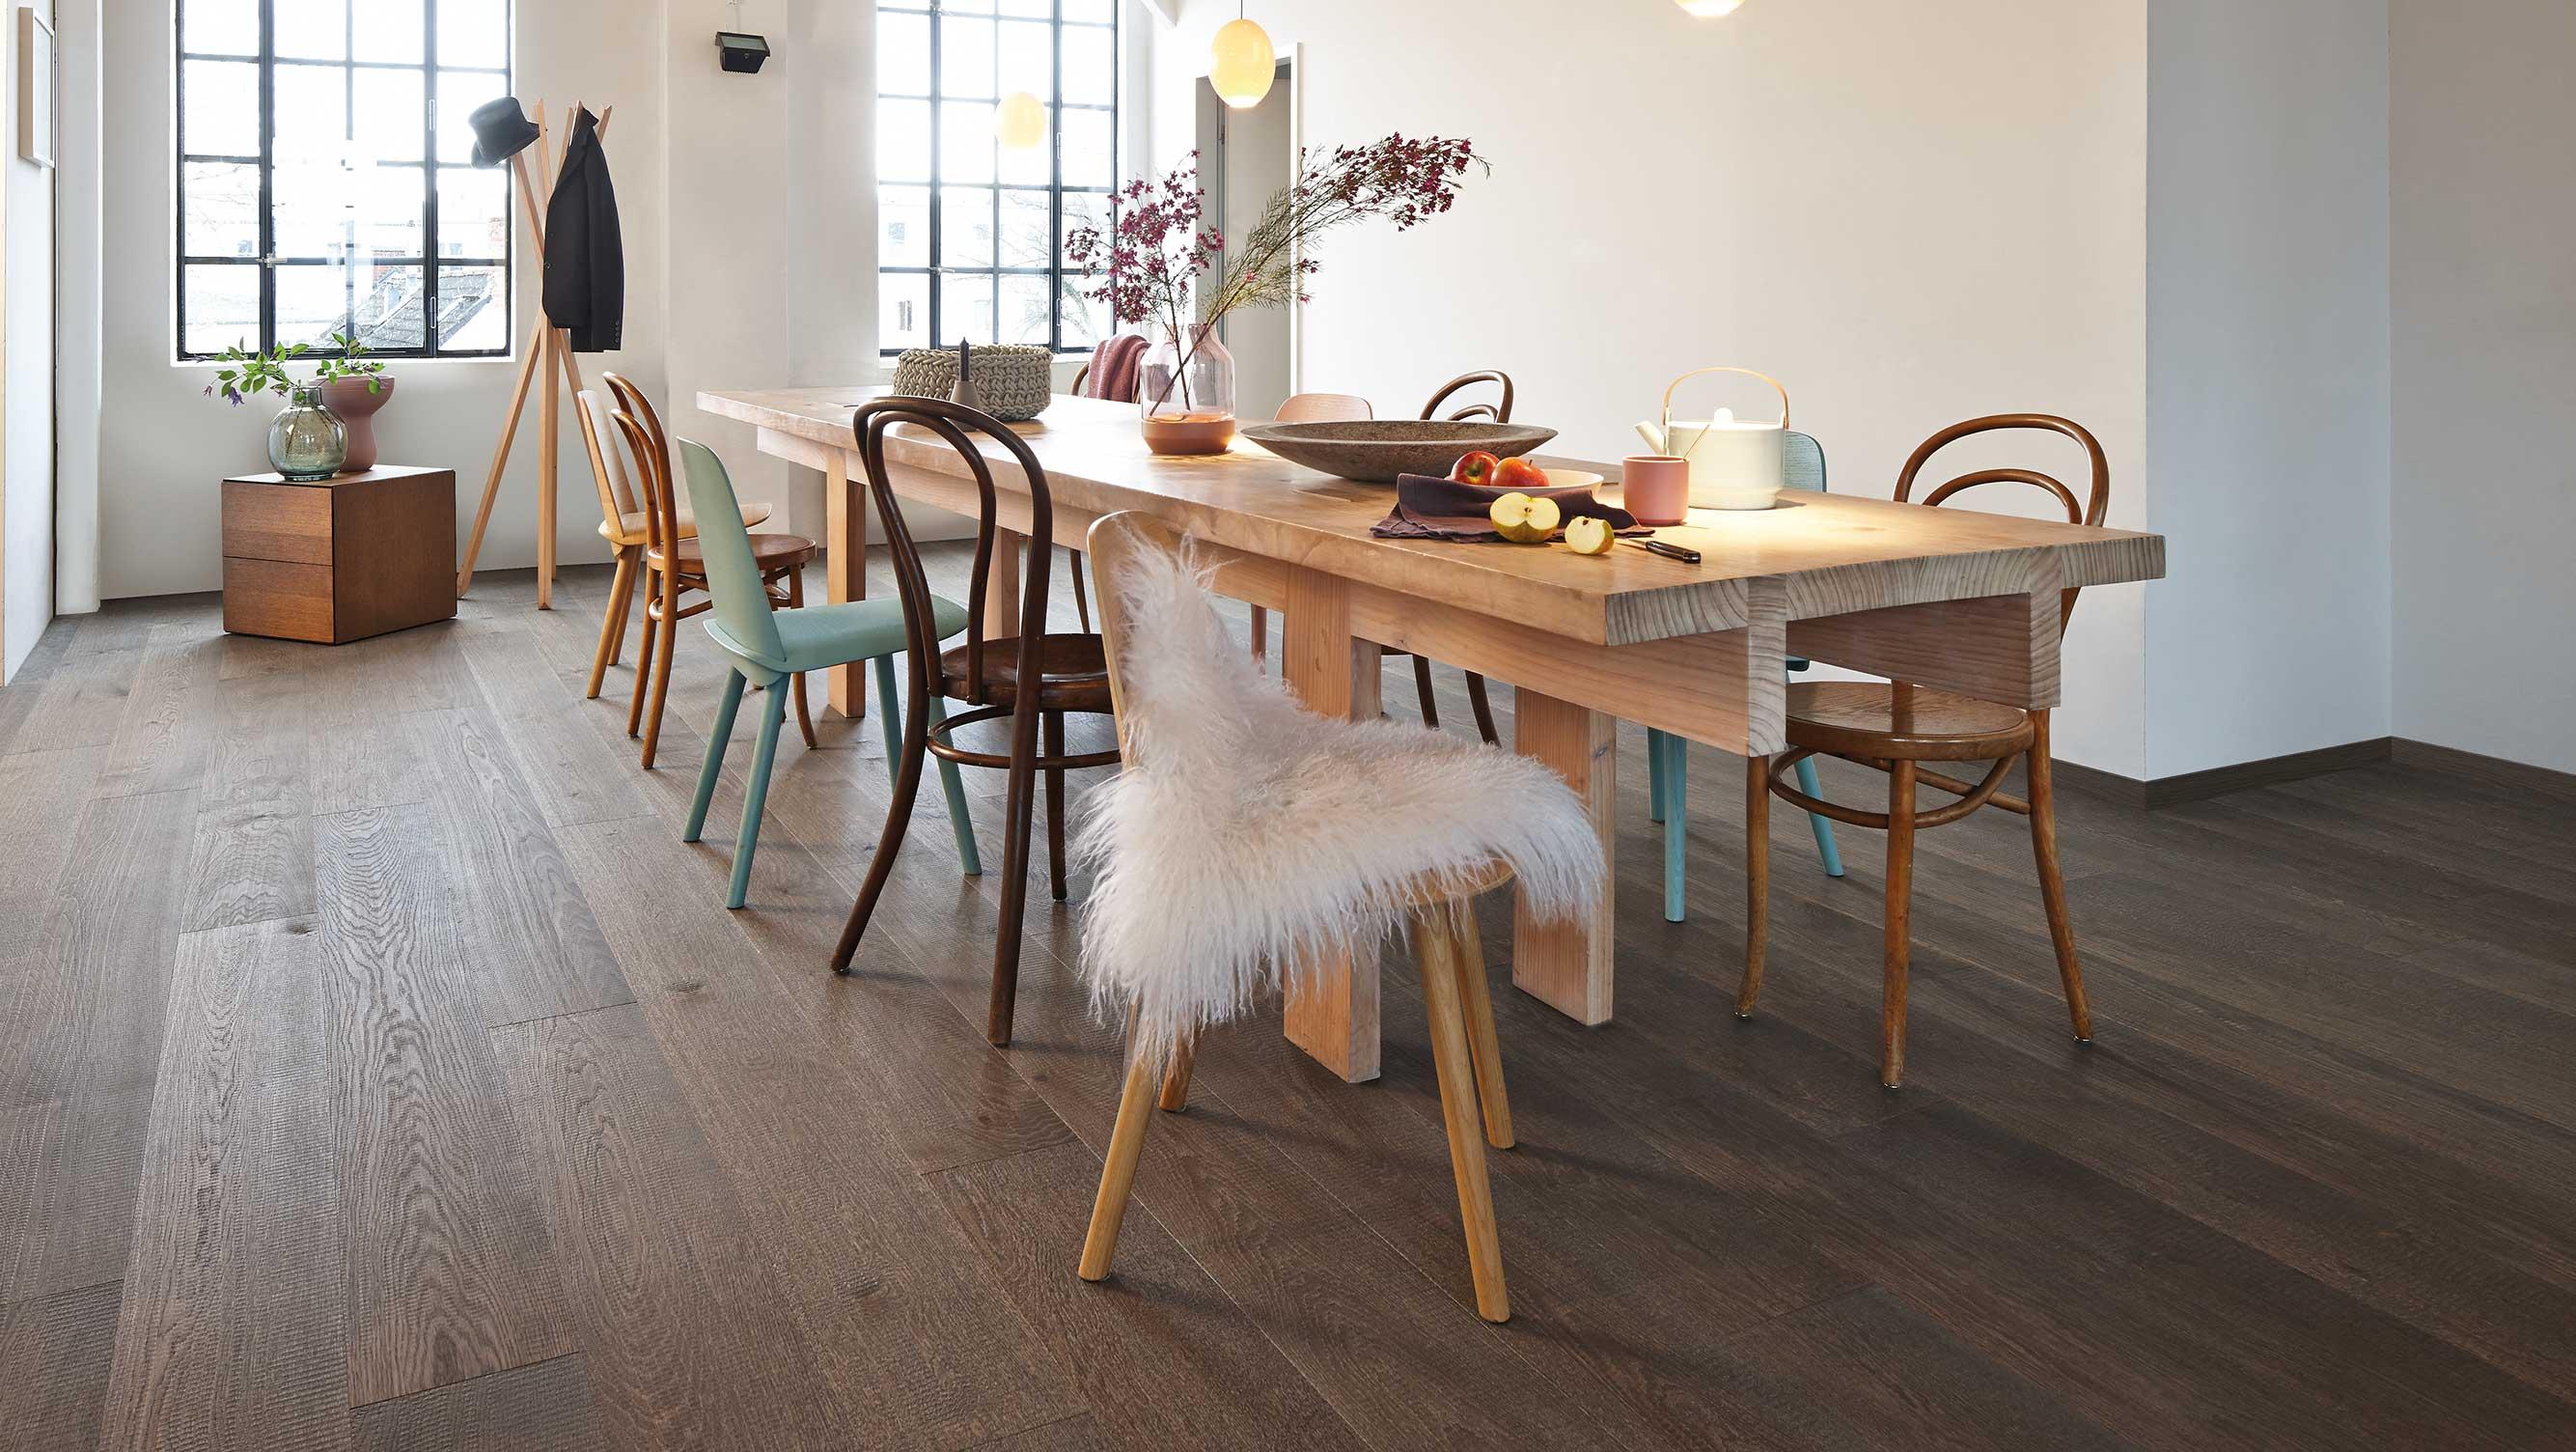 holzland beese wohnen garten bauen unna. Black Bedroom Furniture Sets. Home Design Ideas